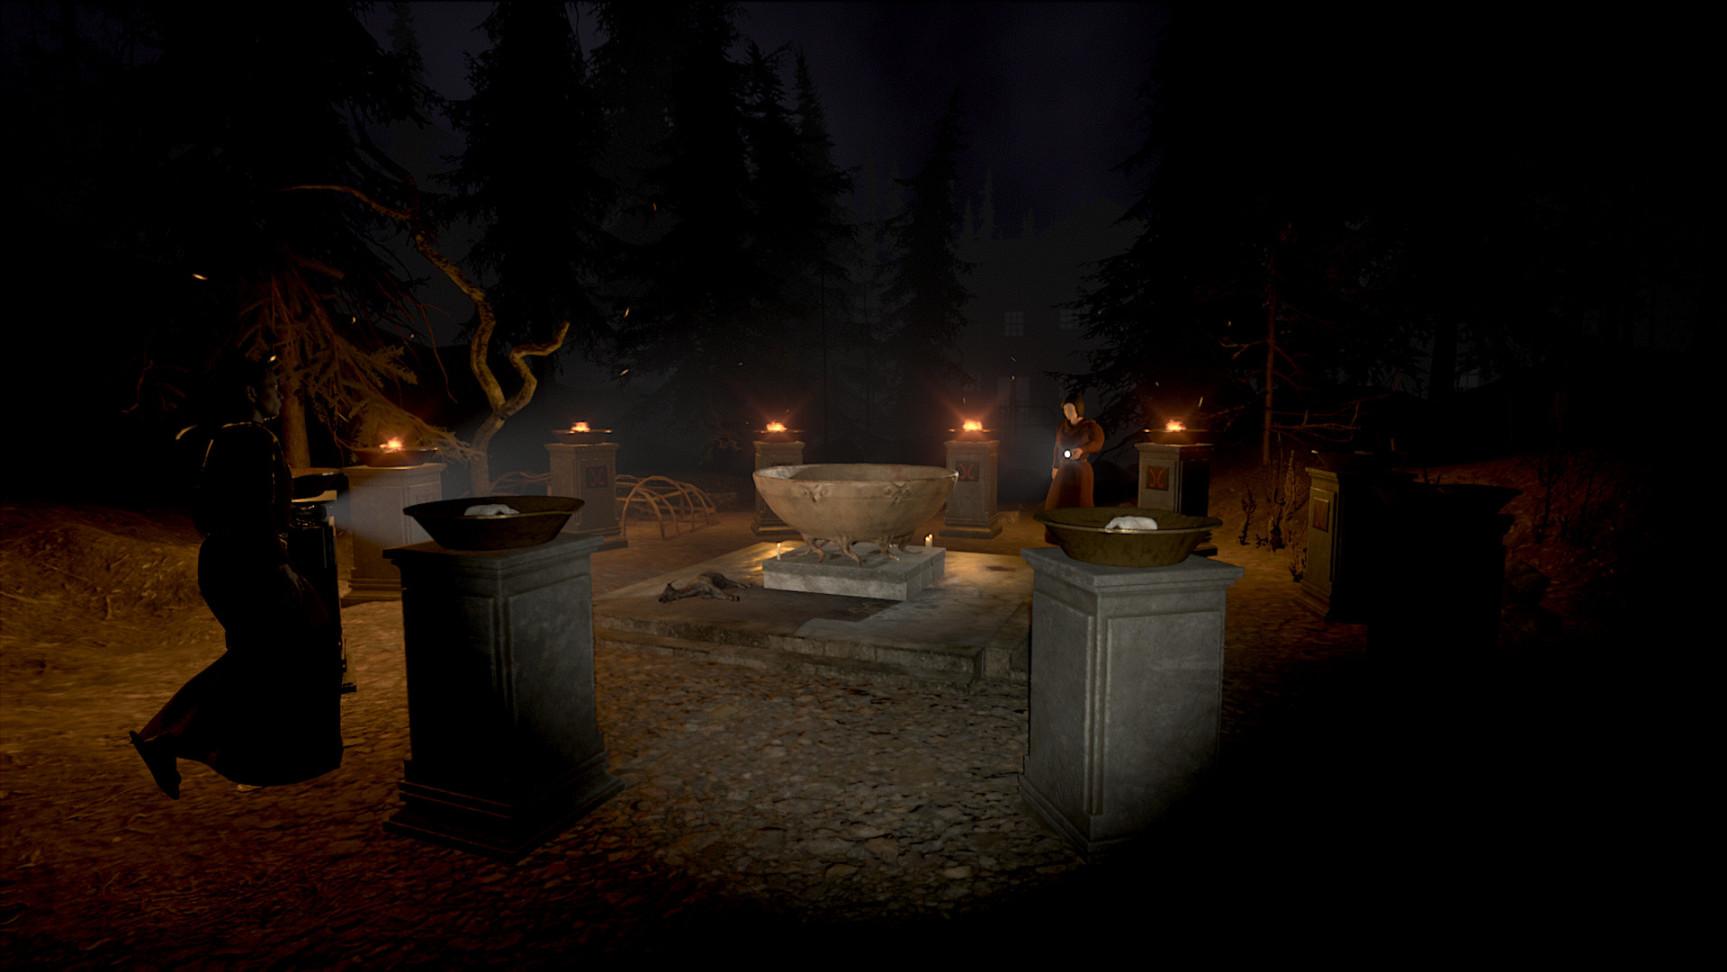 《steam恐怖游戏联机推荐》:与朋友一起探索未知的黑暗吧!插图2